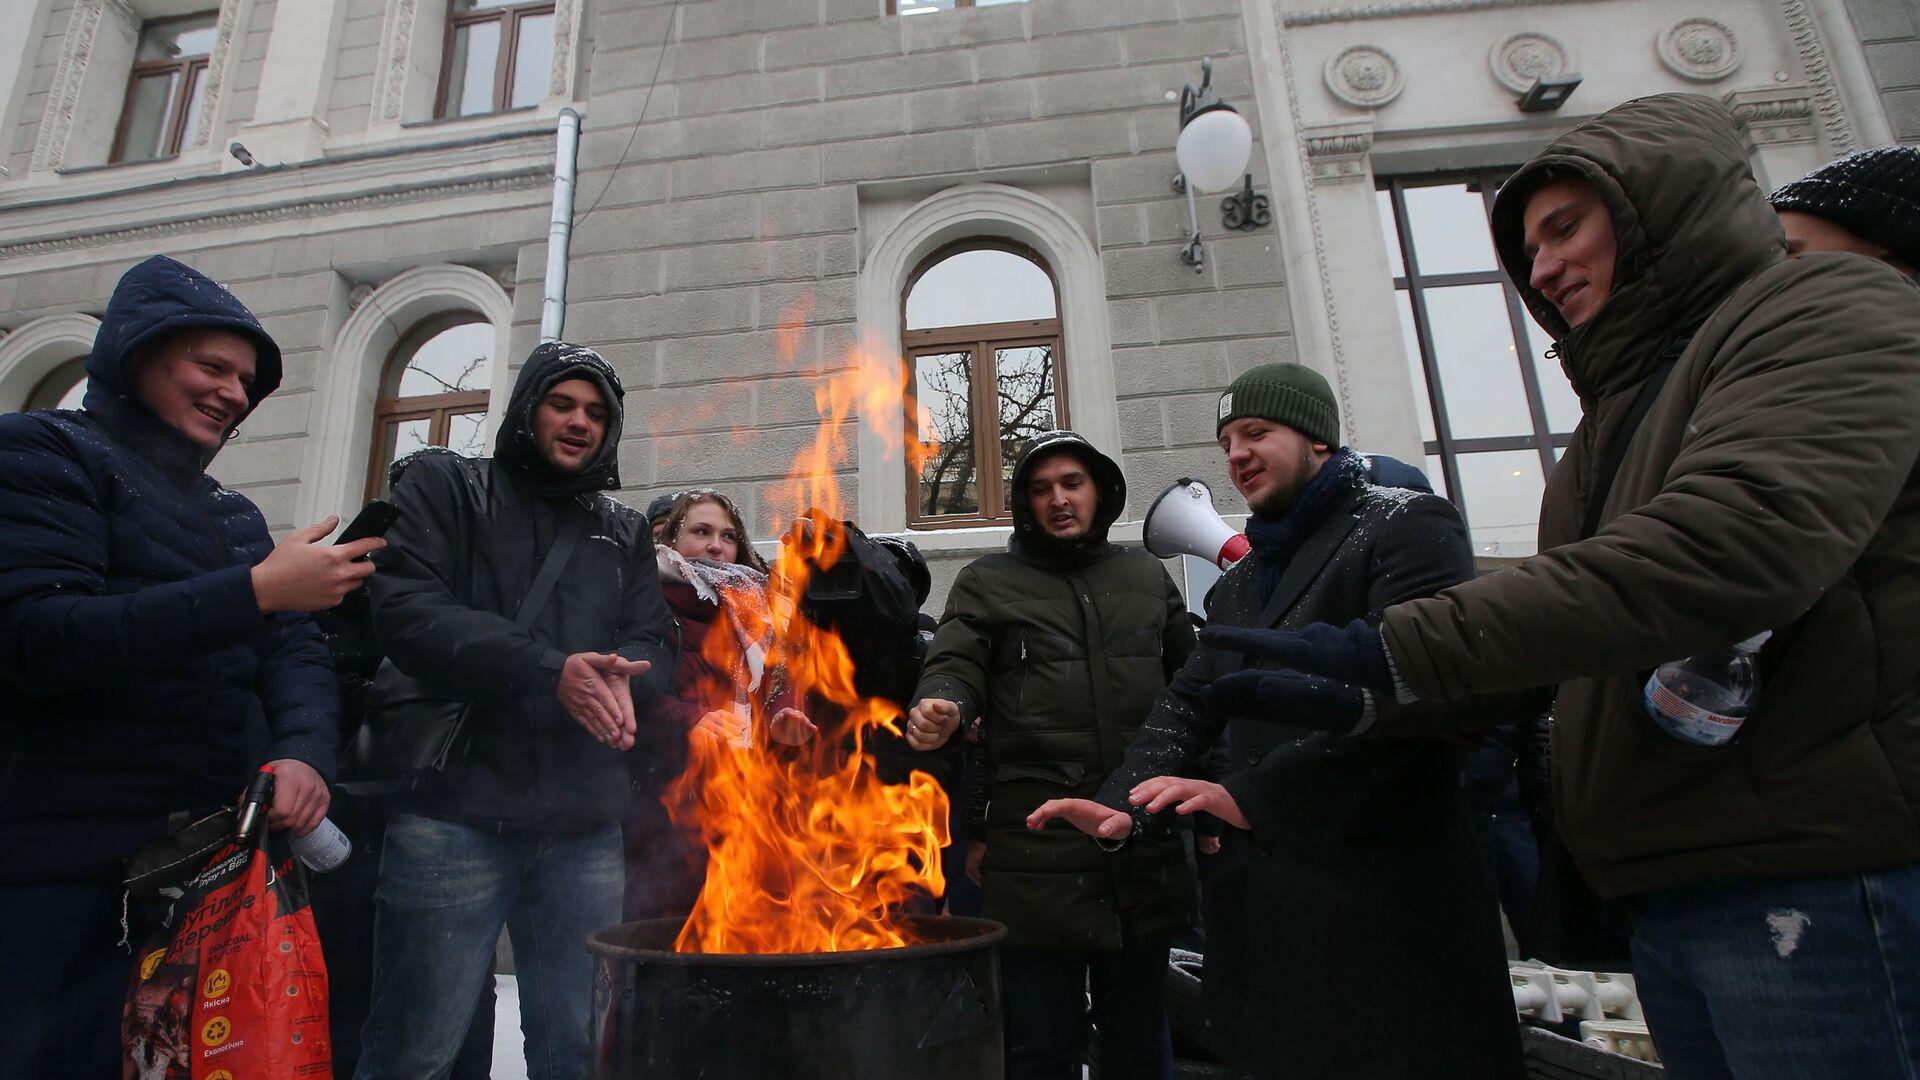 Акции у здания компании Нафтогаз-Украина с требованием включить отопление. Киев, Украина  - РИА Новости, 1920, 08.09.2021